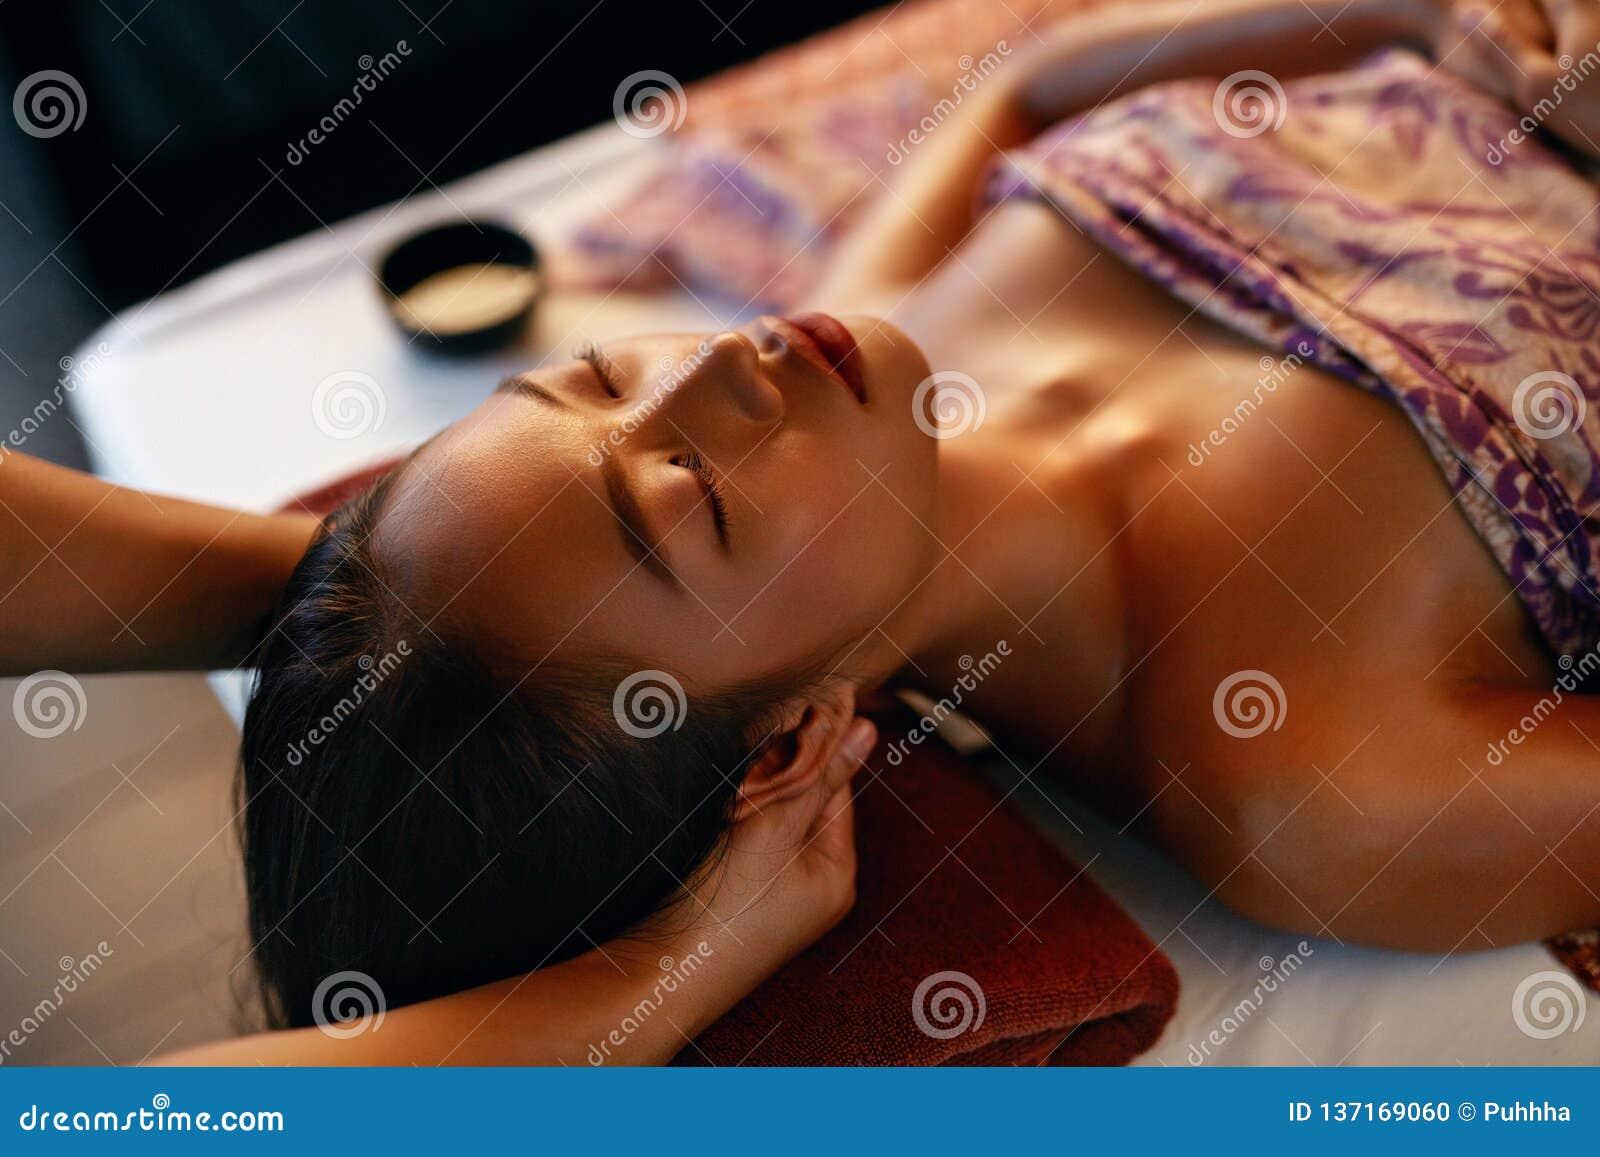 Massaggio della stazione termale Mani che massaggiano la testa della donna al salone di bellezza tailandese